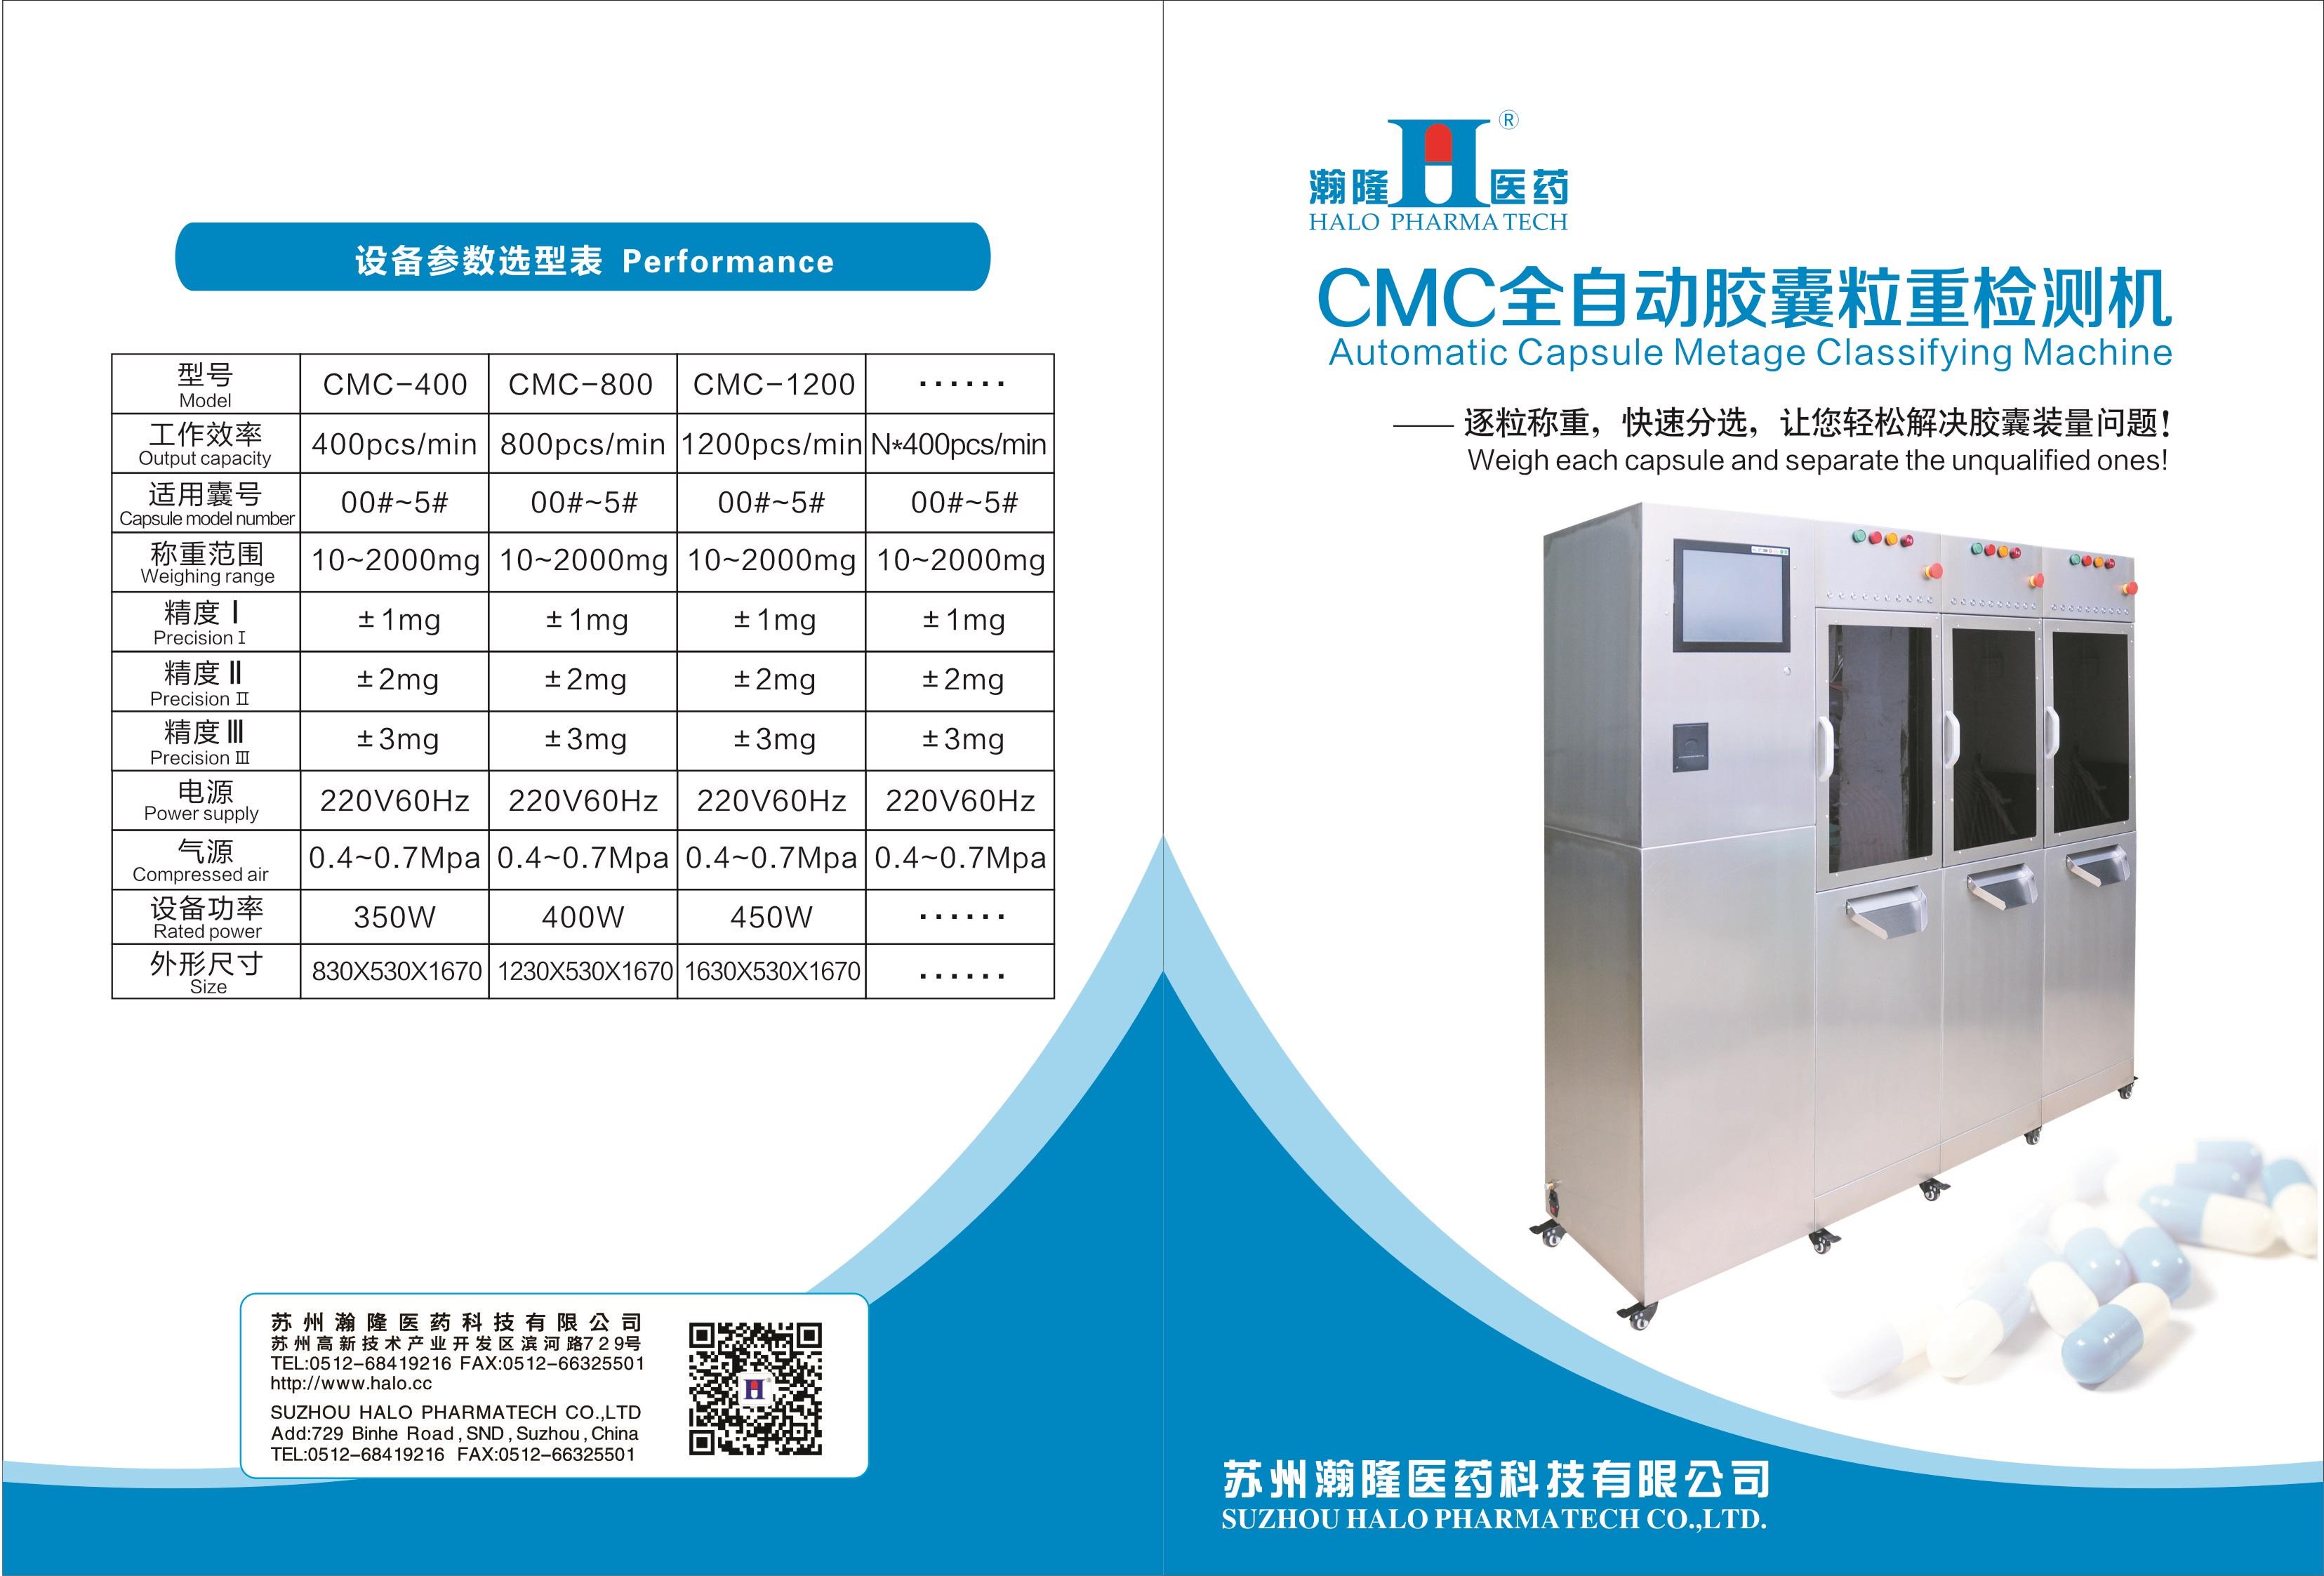 CMC全自动胶囊粒重检测机A